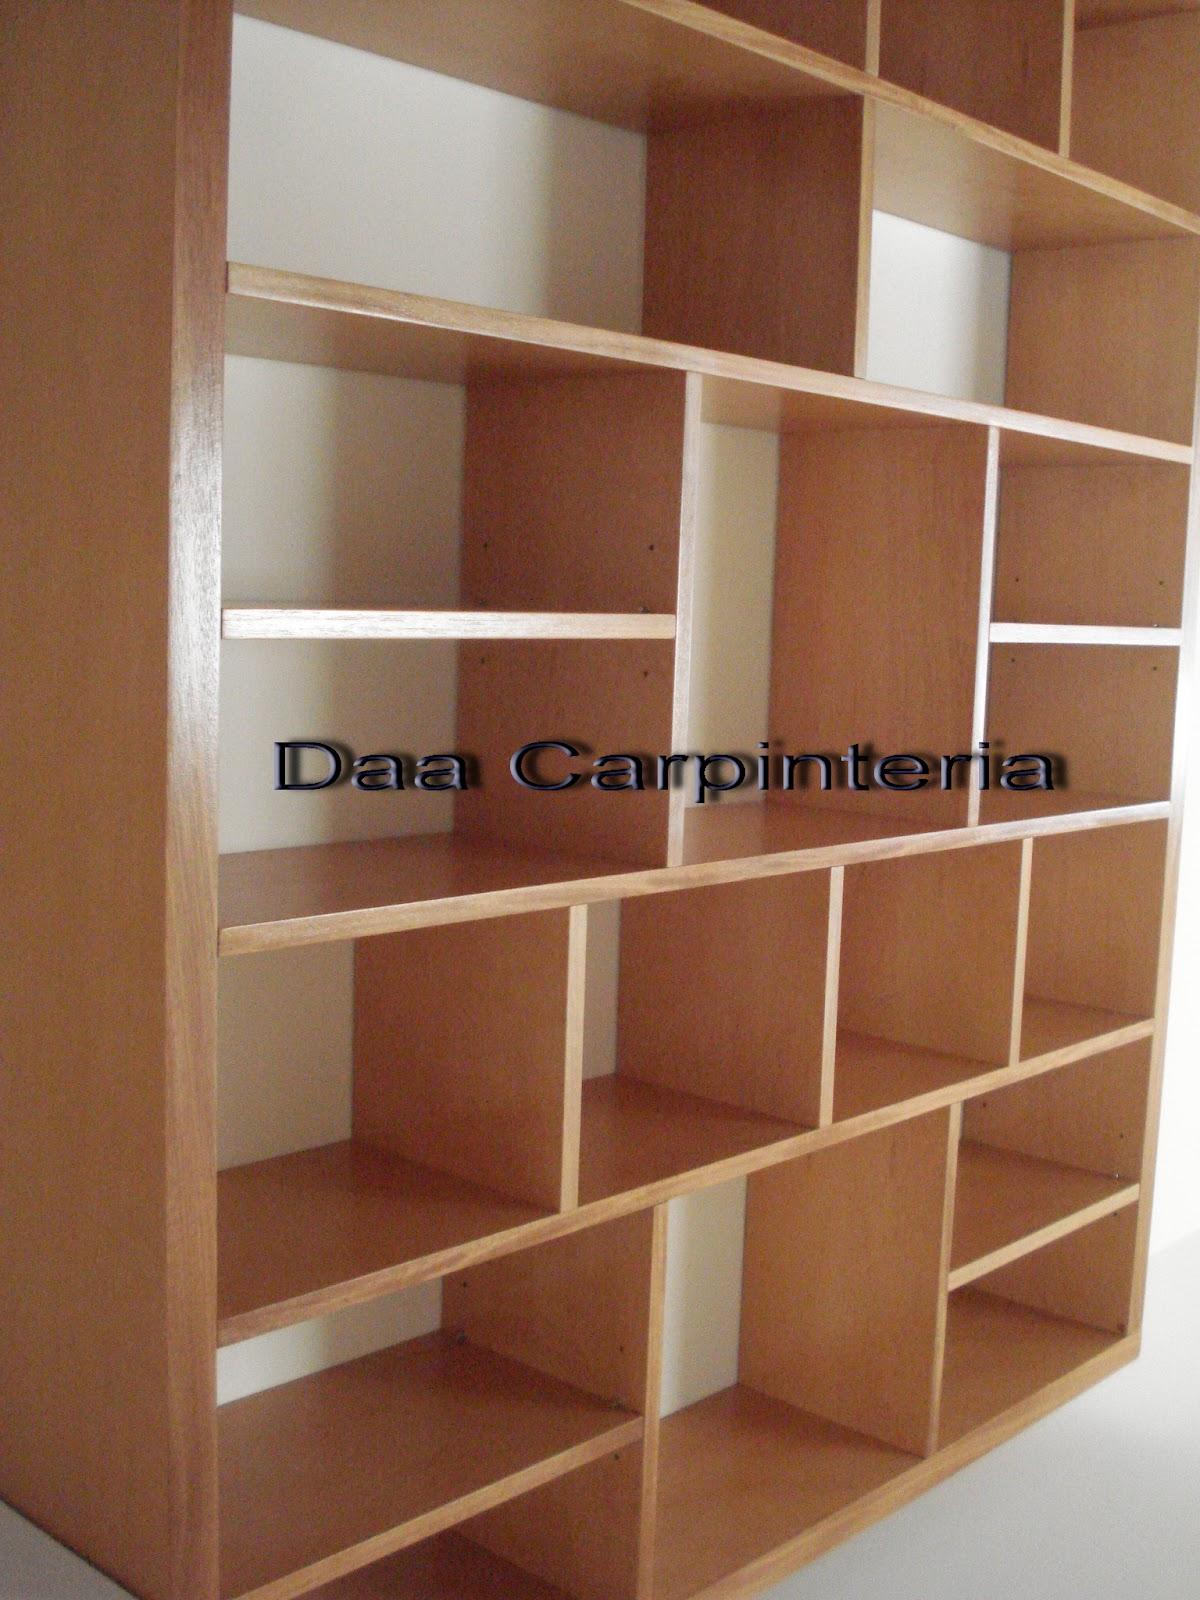 Muebles Living comedor Daa Carpintera